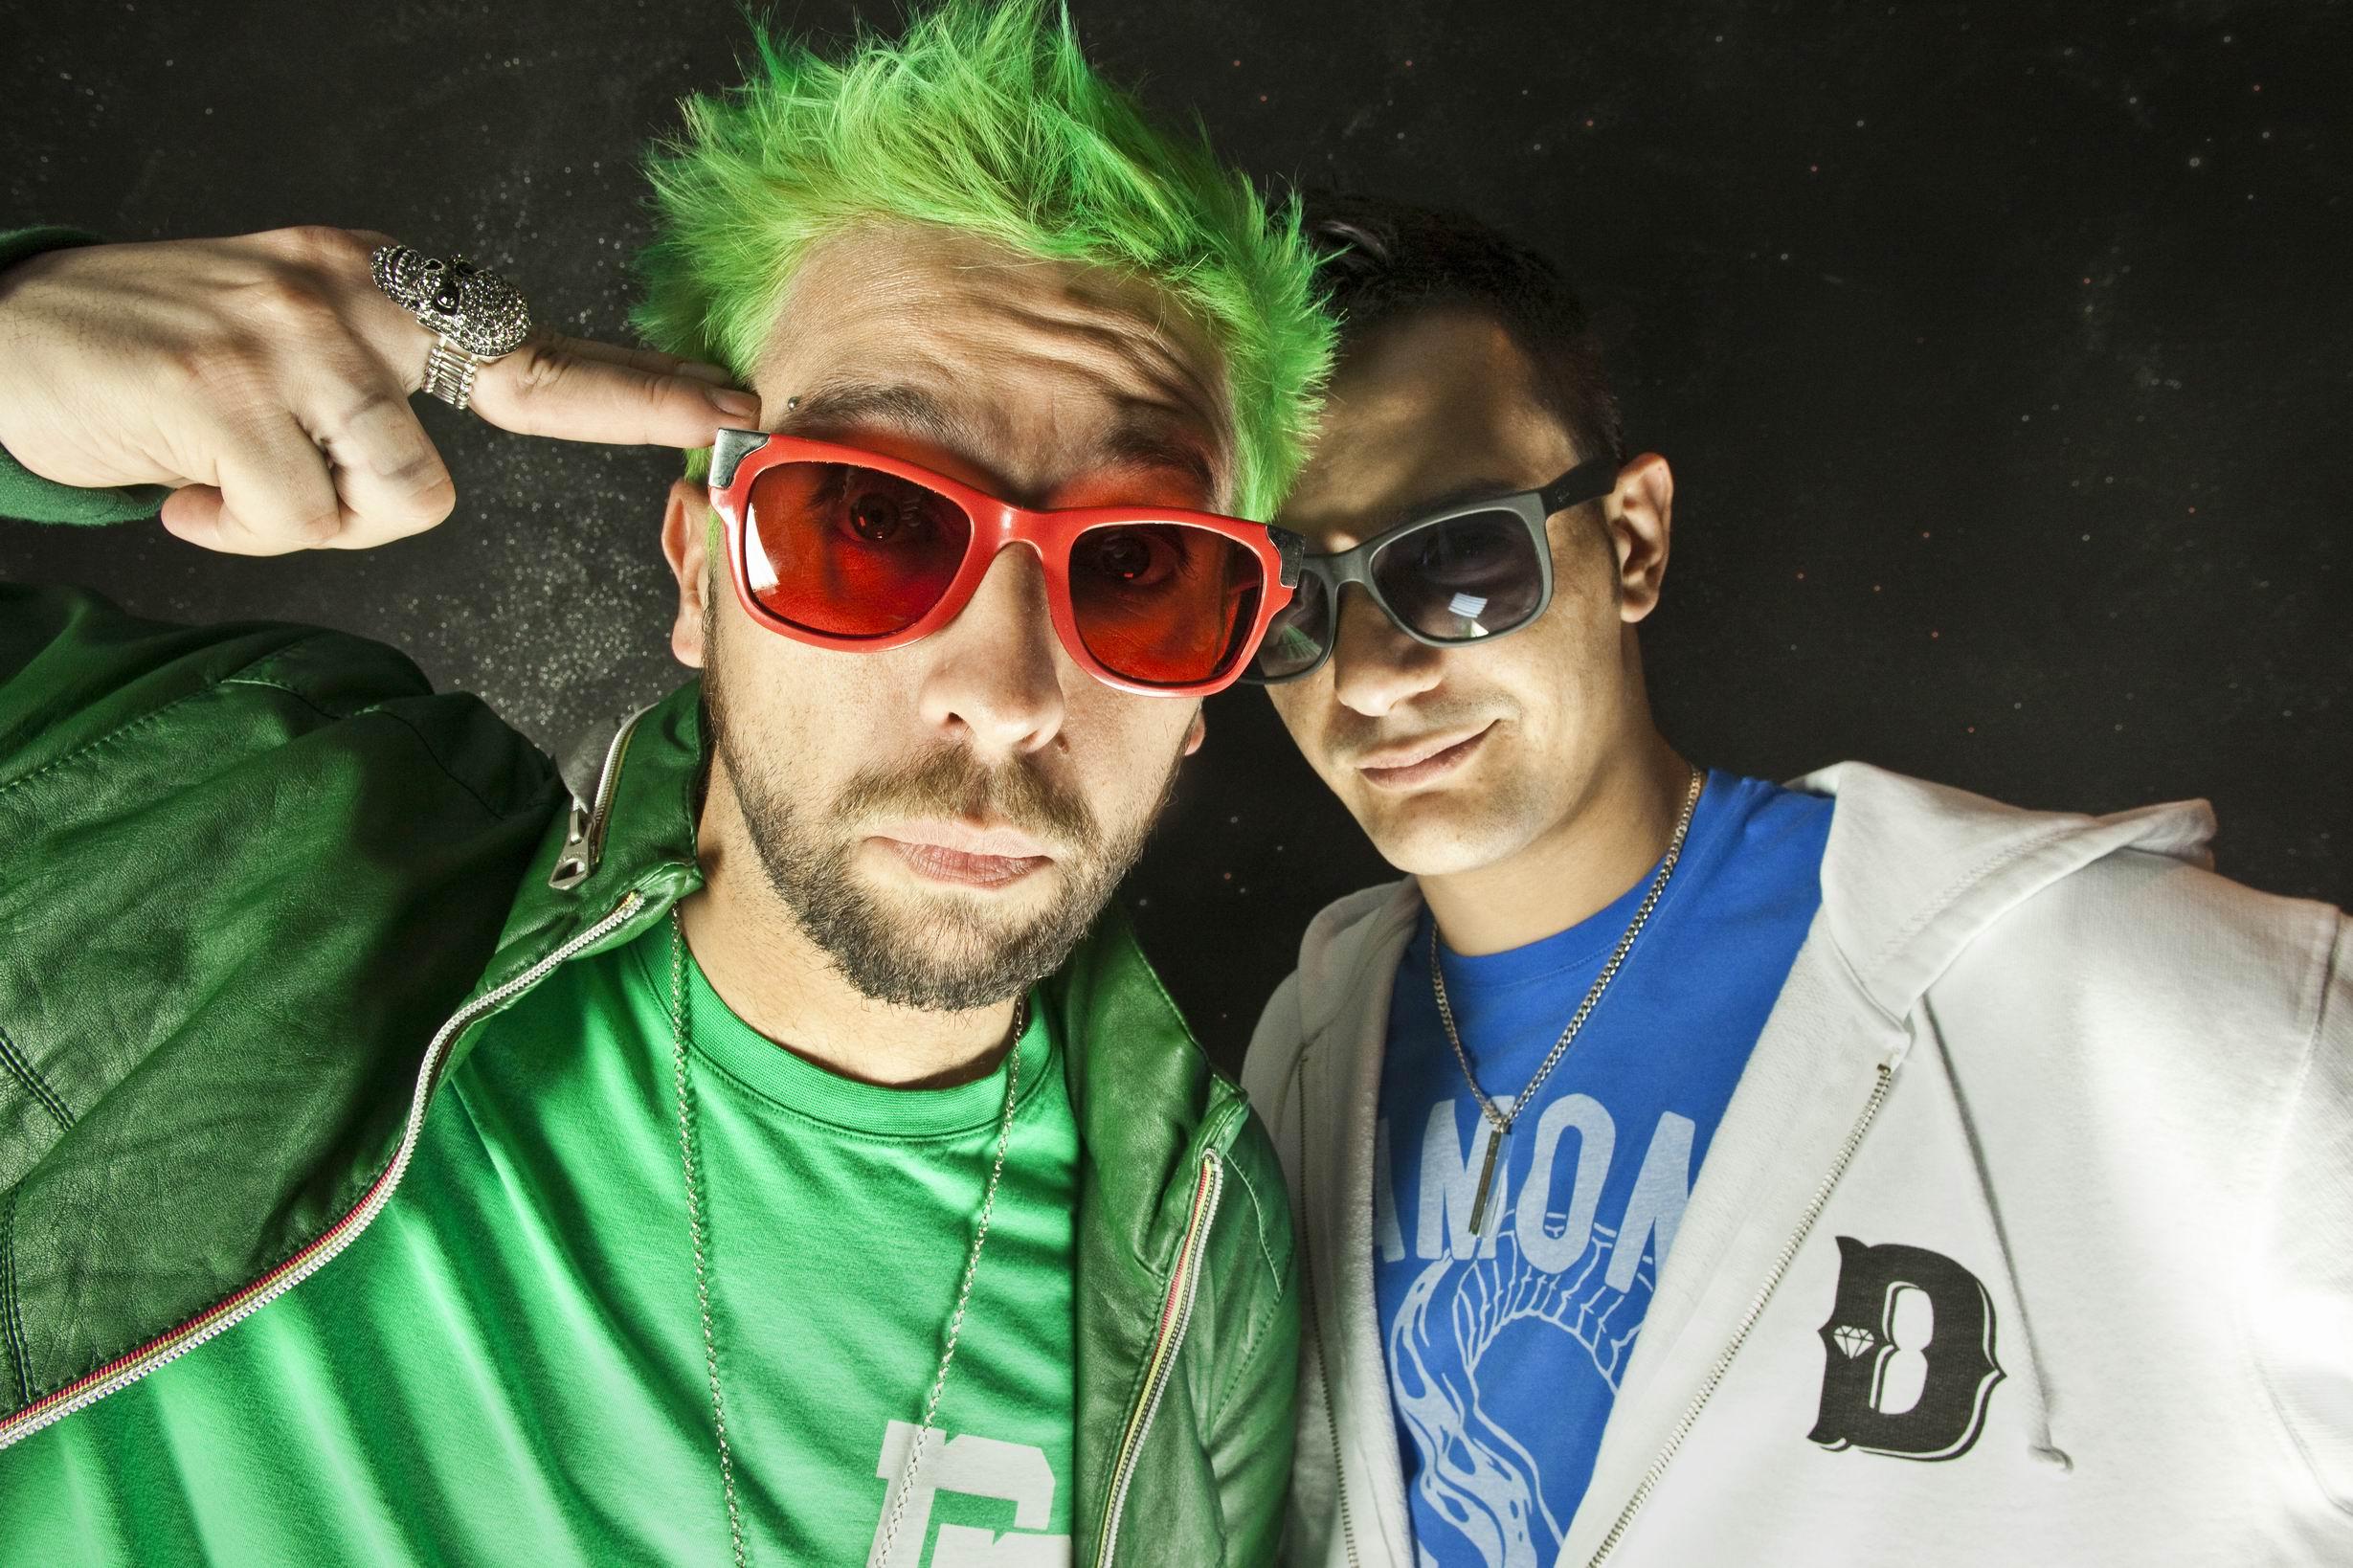 Rapper italiani e la sindrome degli occhiali da sole db53bf95d261